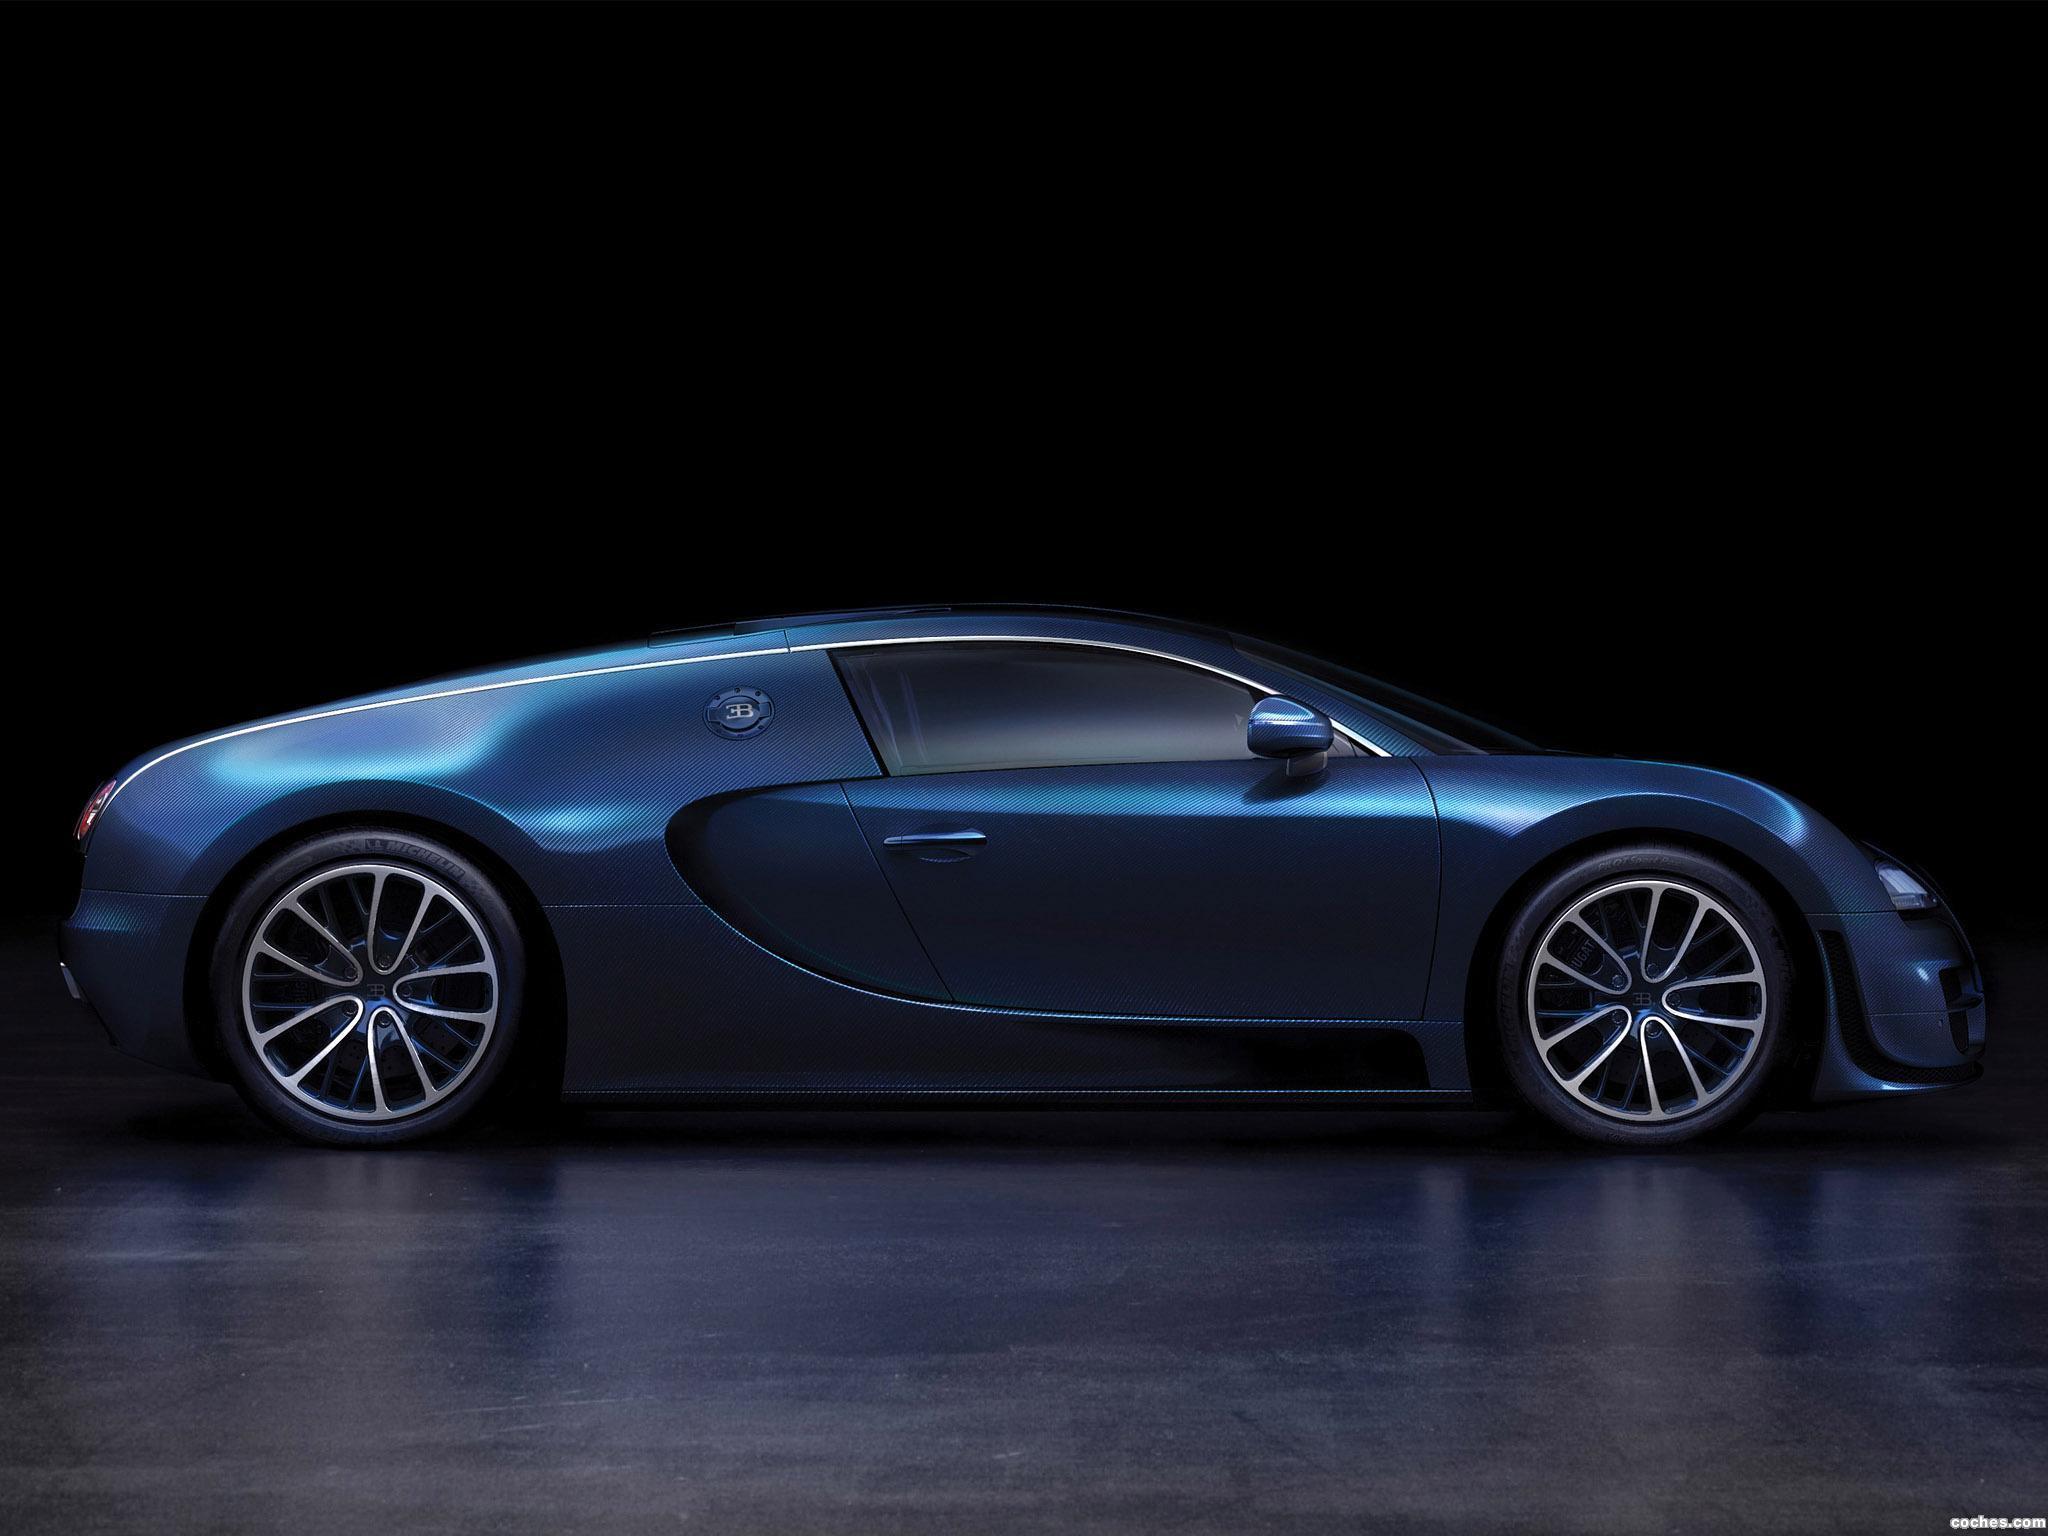 bugatti_veyron-super-sport-2010_r20 Wonderful Lamborghini Countach Strohm De Rella Cars Trend